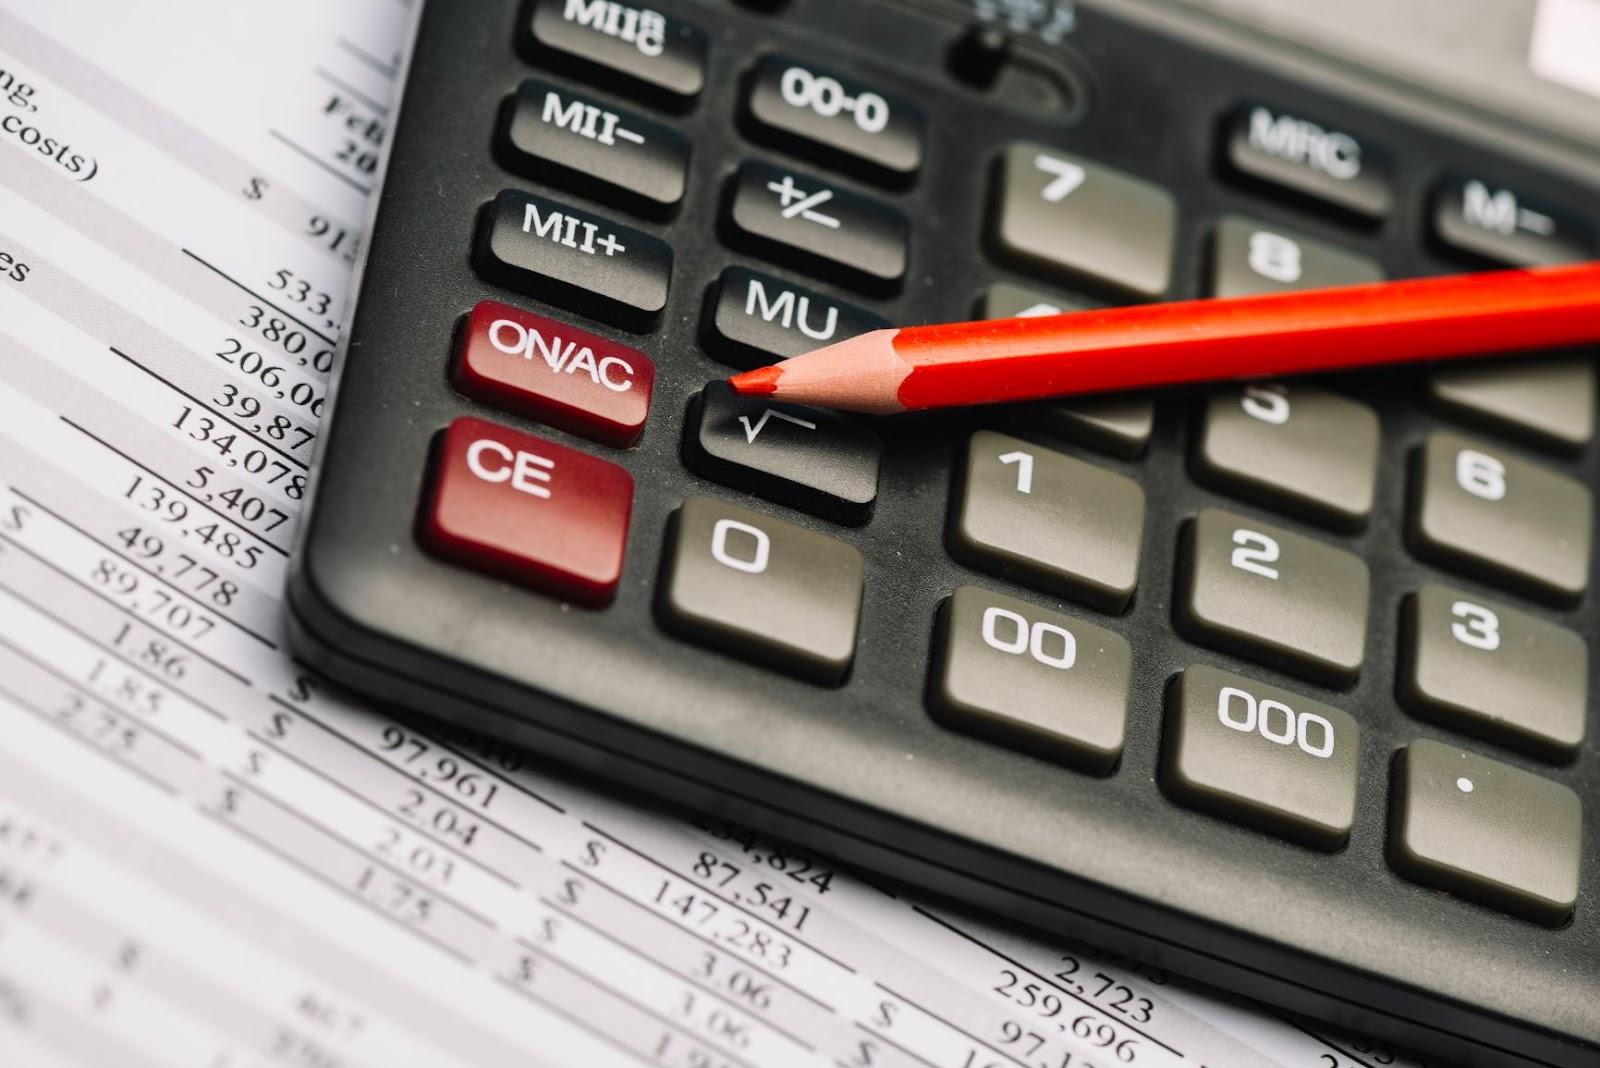 Foto de uma calculadora científica, focada e próxima as principais teclas. A calculadora está acima de um papel impresso, com diversas tabelas e números. Identificamos, em cima das teclas da calculadora, um lápis de cor vermelho. A imagem visa ilustrar a escolha entre eireli ou ltda.